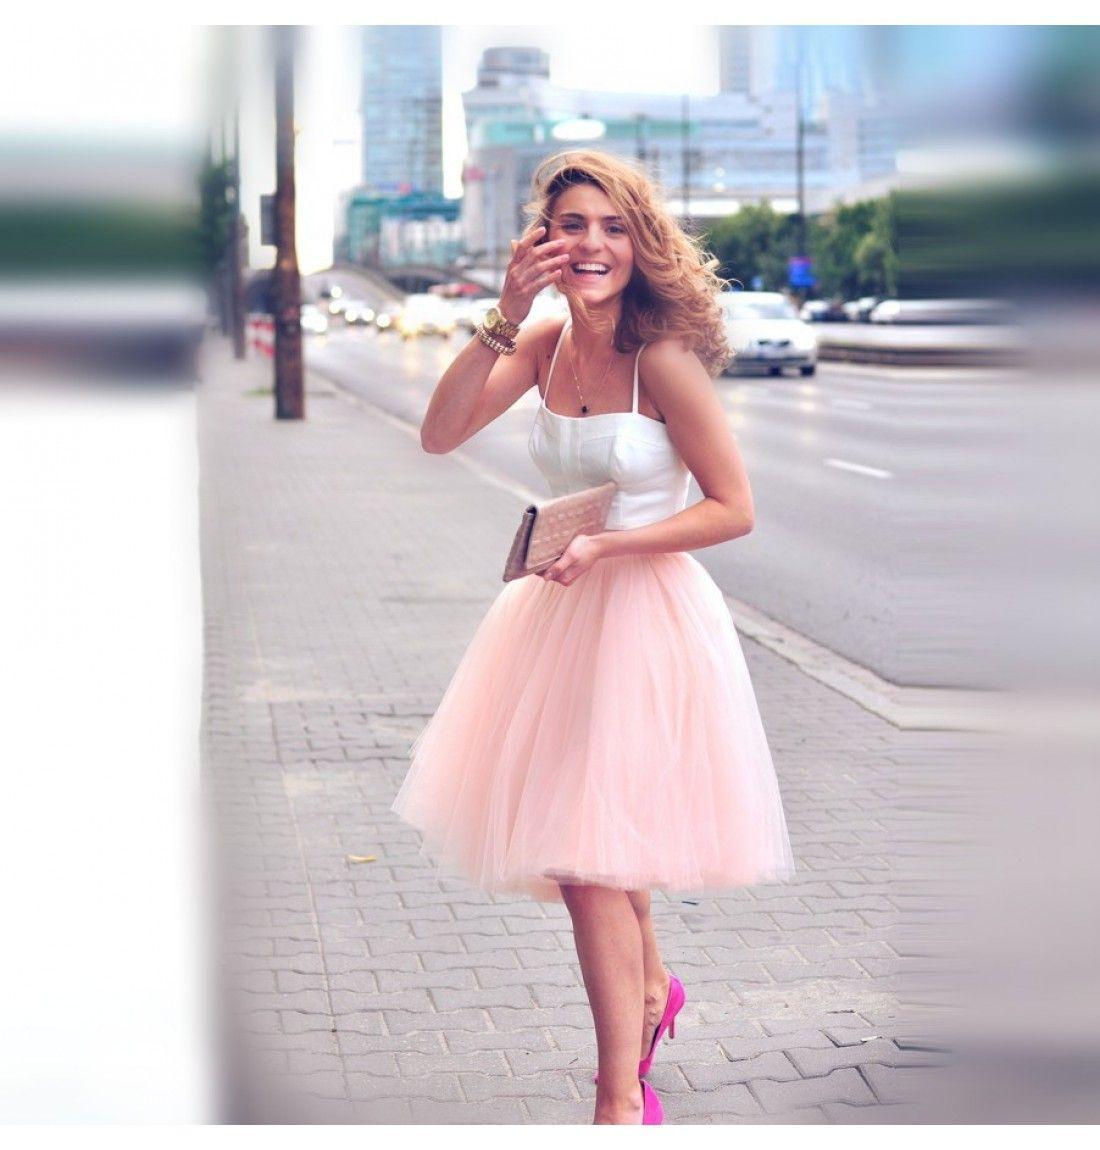 High Street Fashion Damen Tuell Rock | corset dress | Pinterest